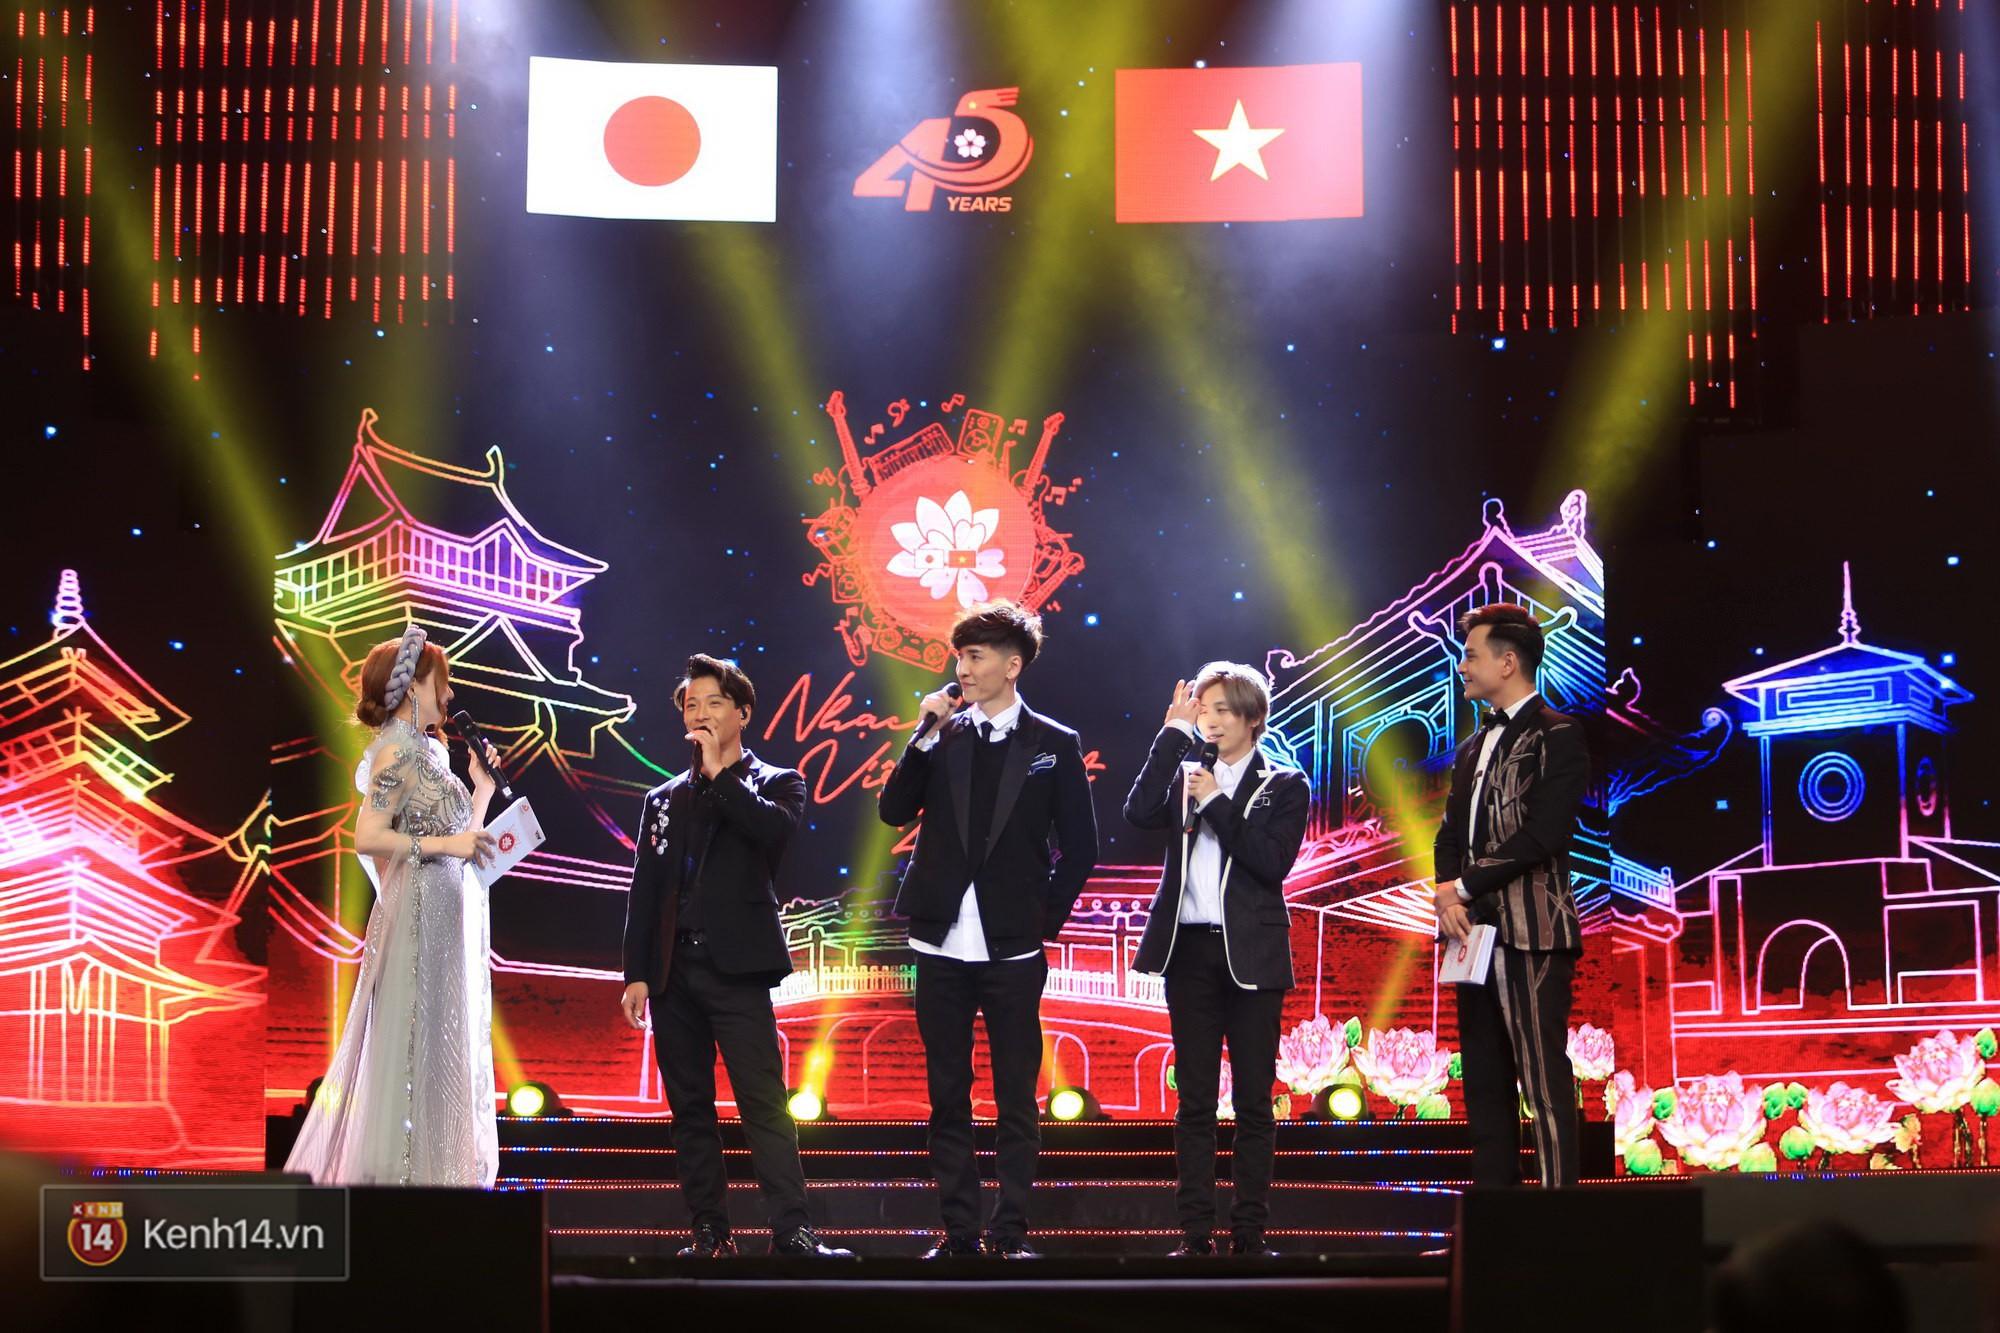 Clip: Đông Nhi và hiện tượng âm nhạc thế giới Bút dứa - Táo bút đốt cháy sân khấu bằng loạt hit đình đám - Ảnh 14.